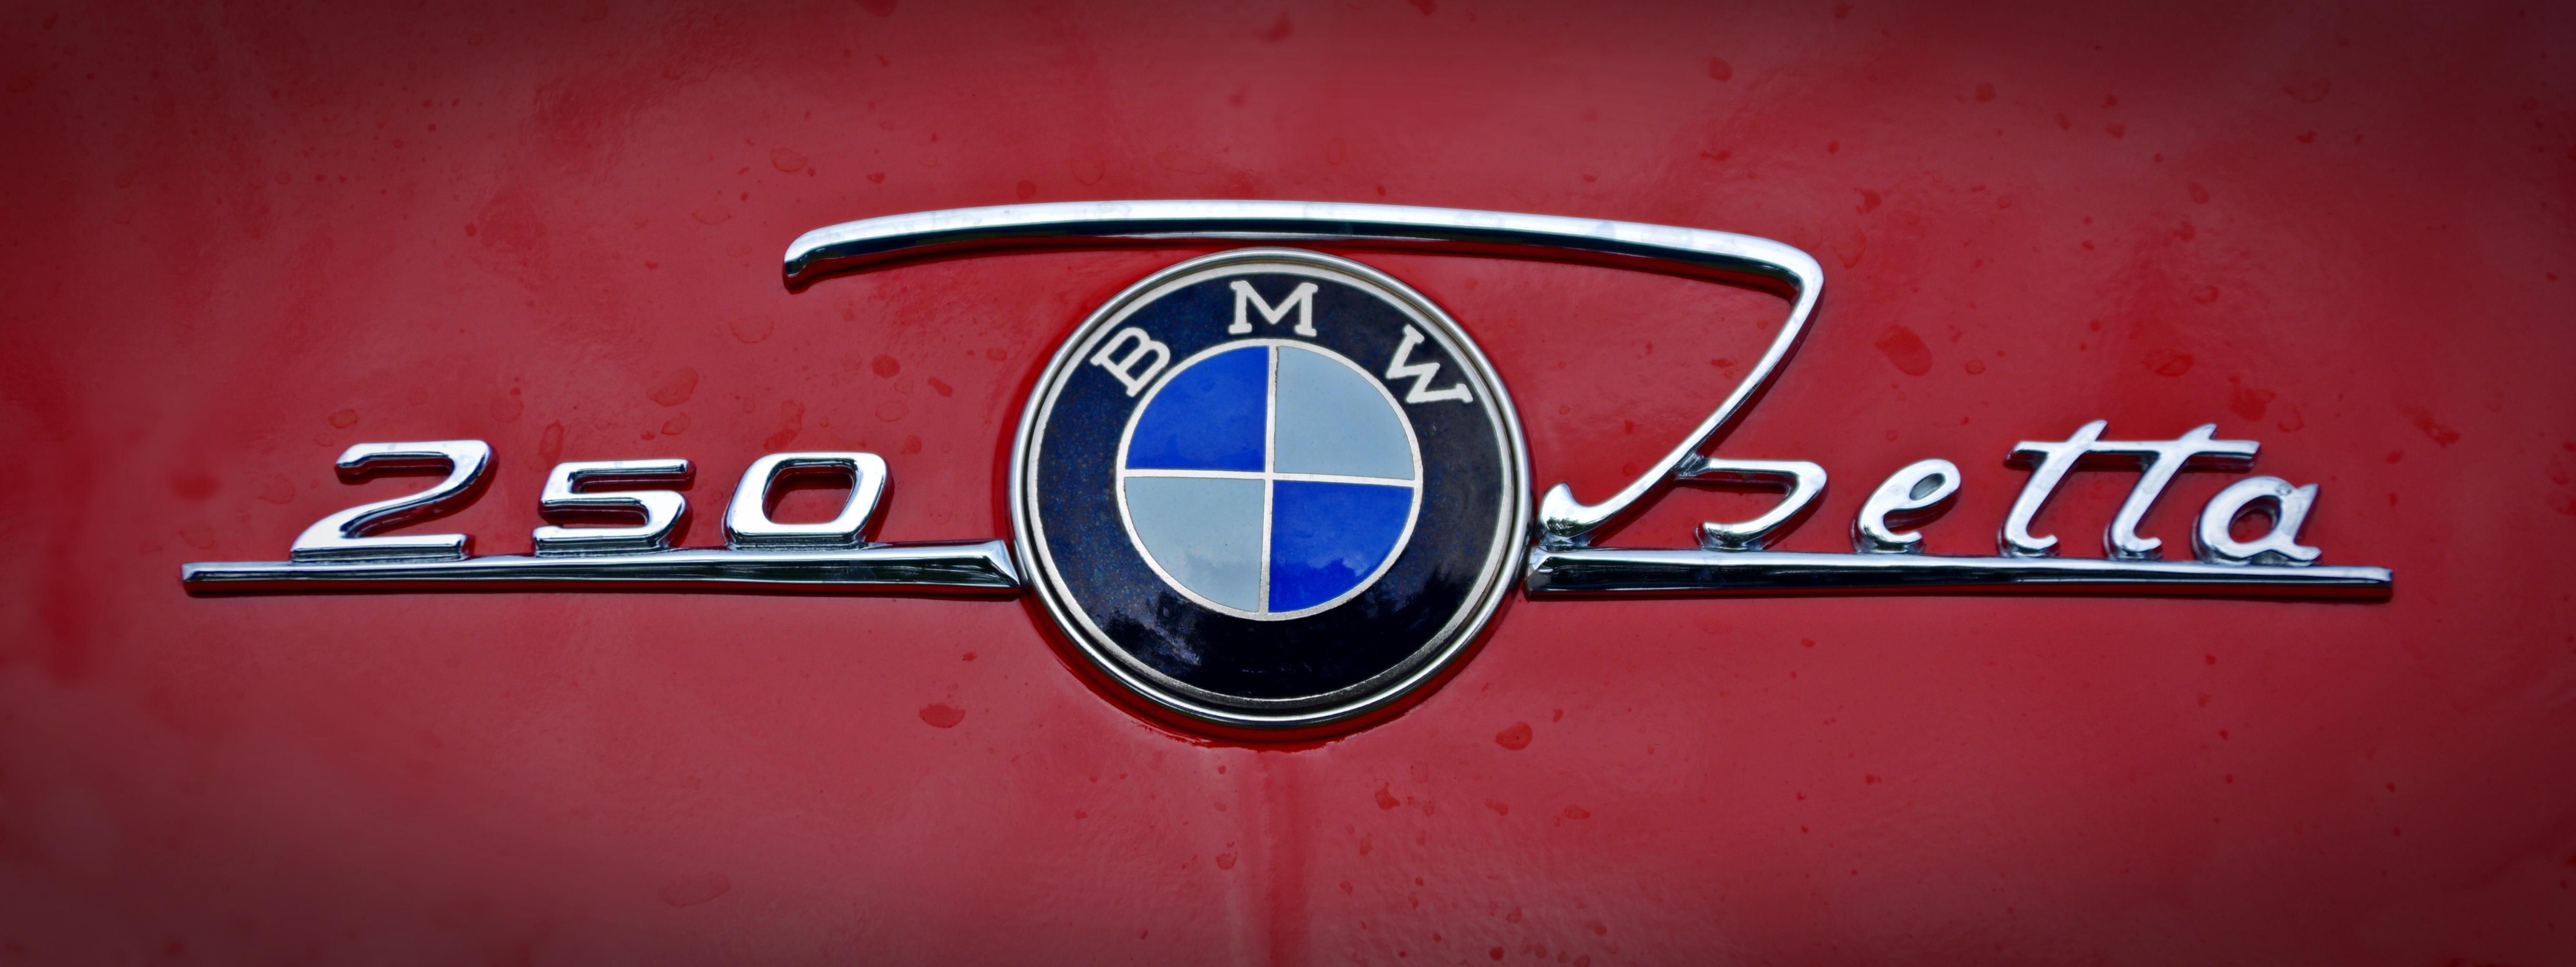 Free Images Car Wheel Symbol Signage Emblem Label Brand